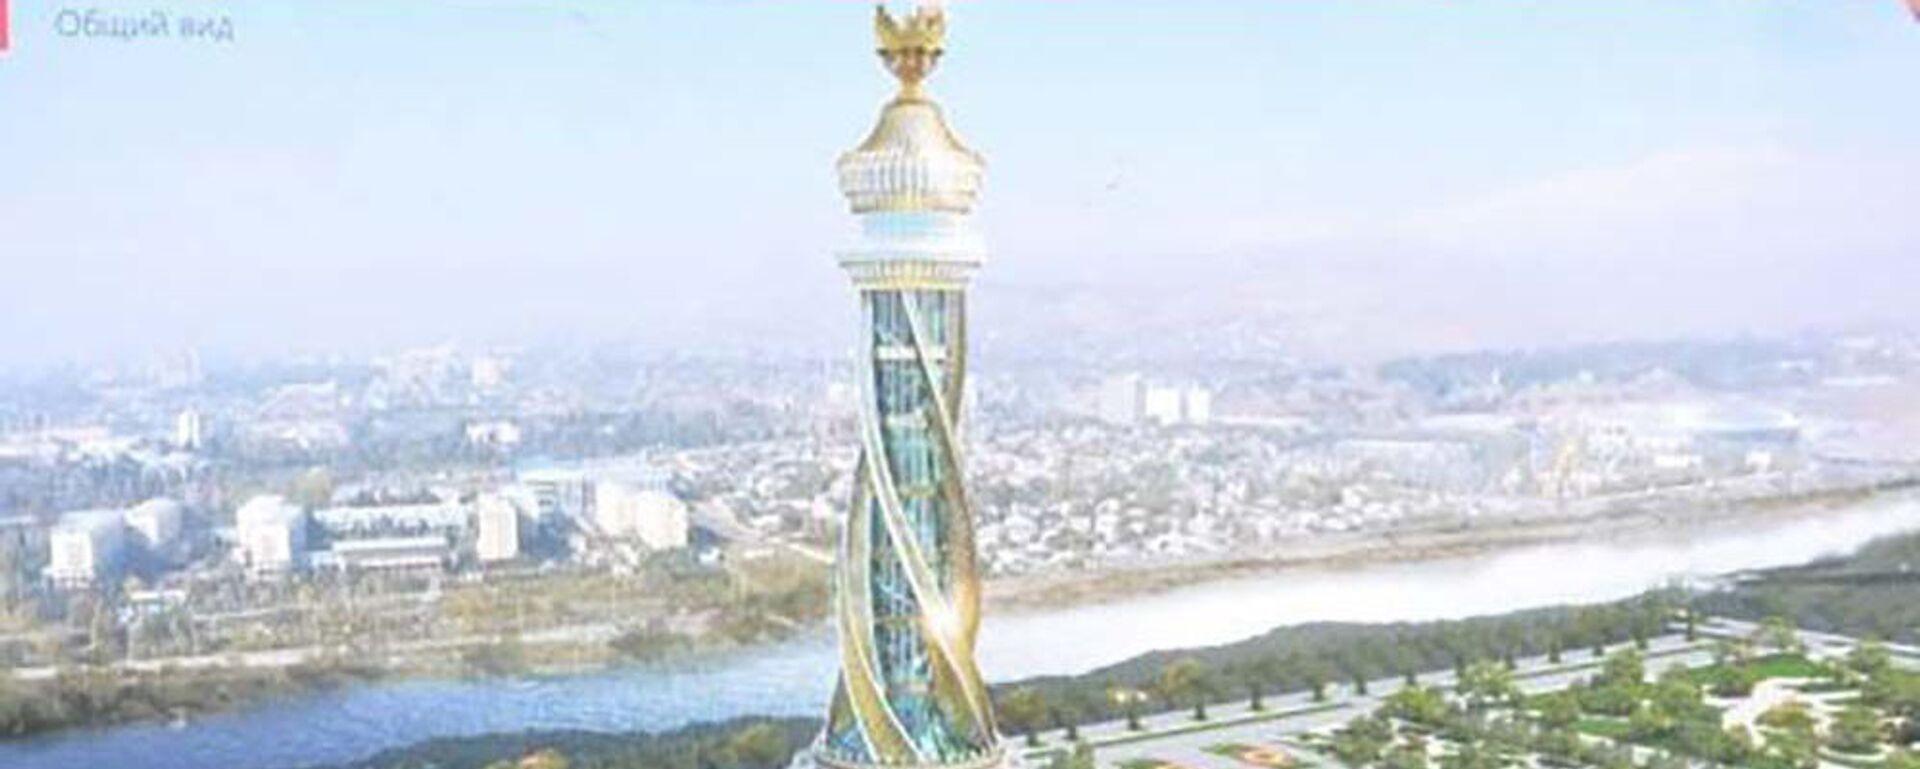 Макет парка Истиклолият с архитектурным комплексом и стелой - Sputnik Таджикистан, 1920, 20.08.2021